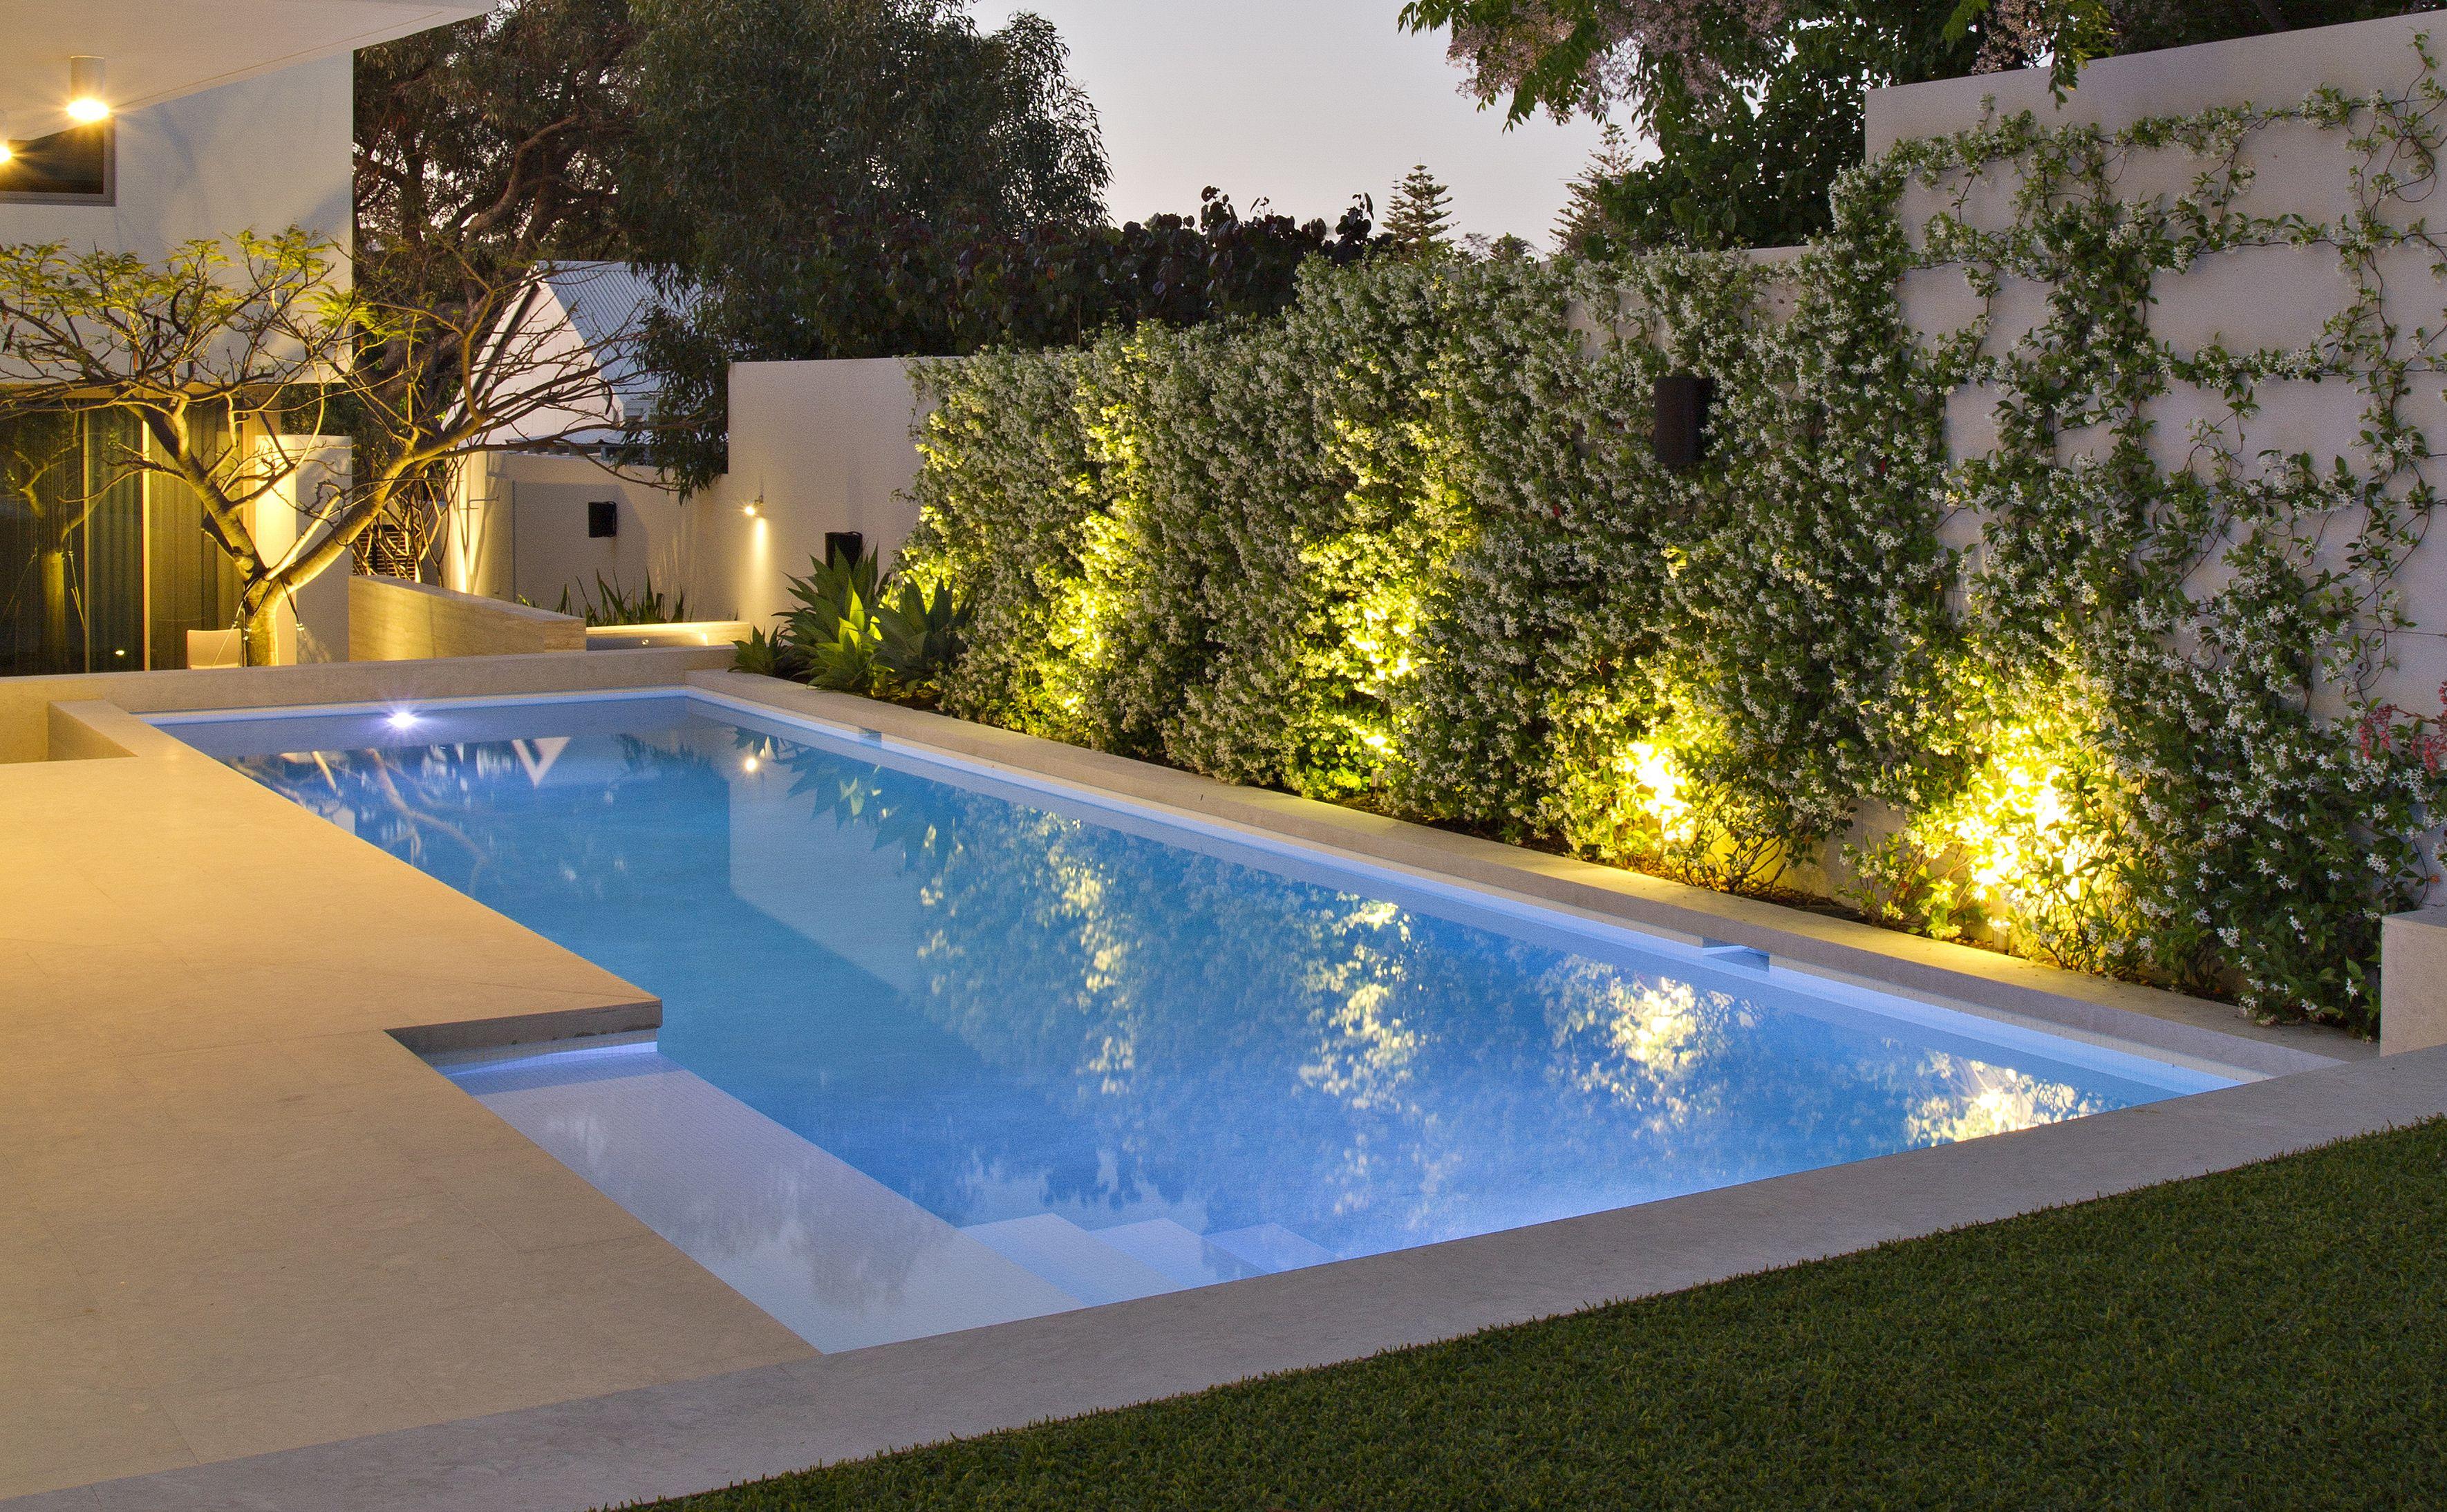 Pool, garden lighting, outdoor spaces Pool landscape